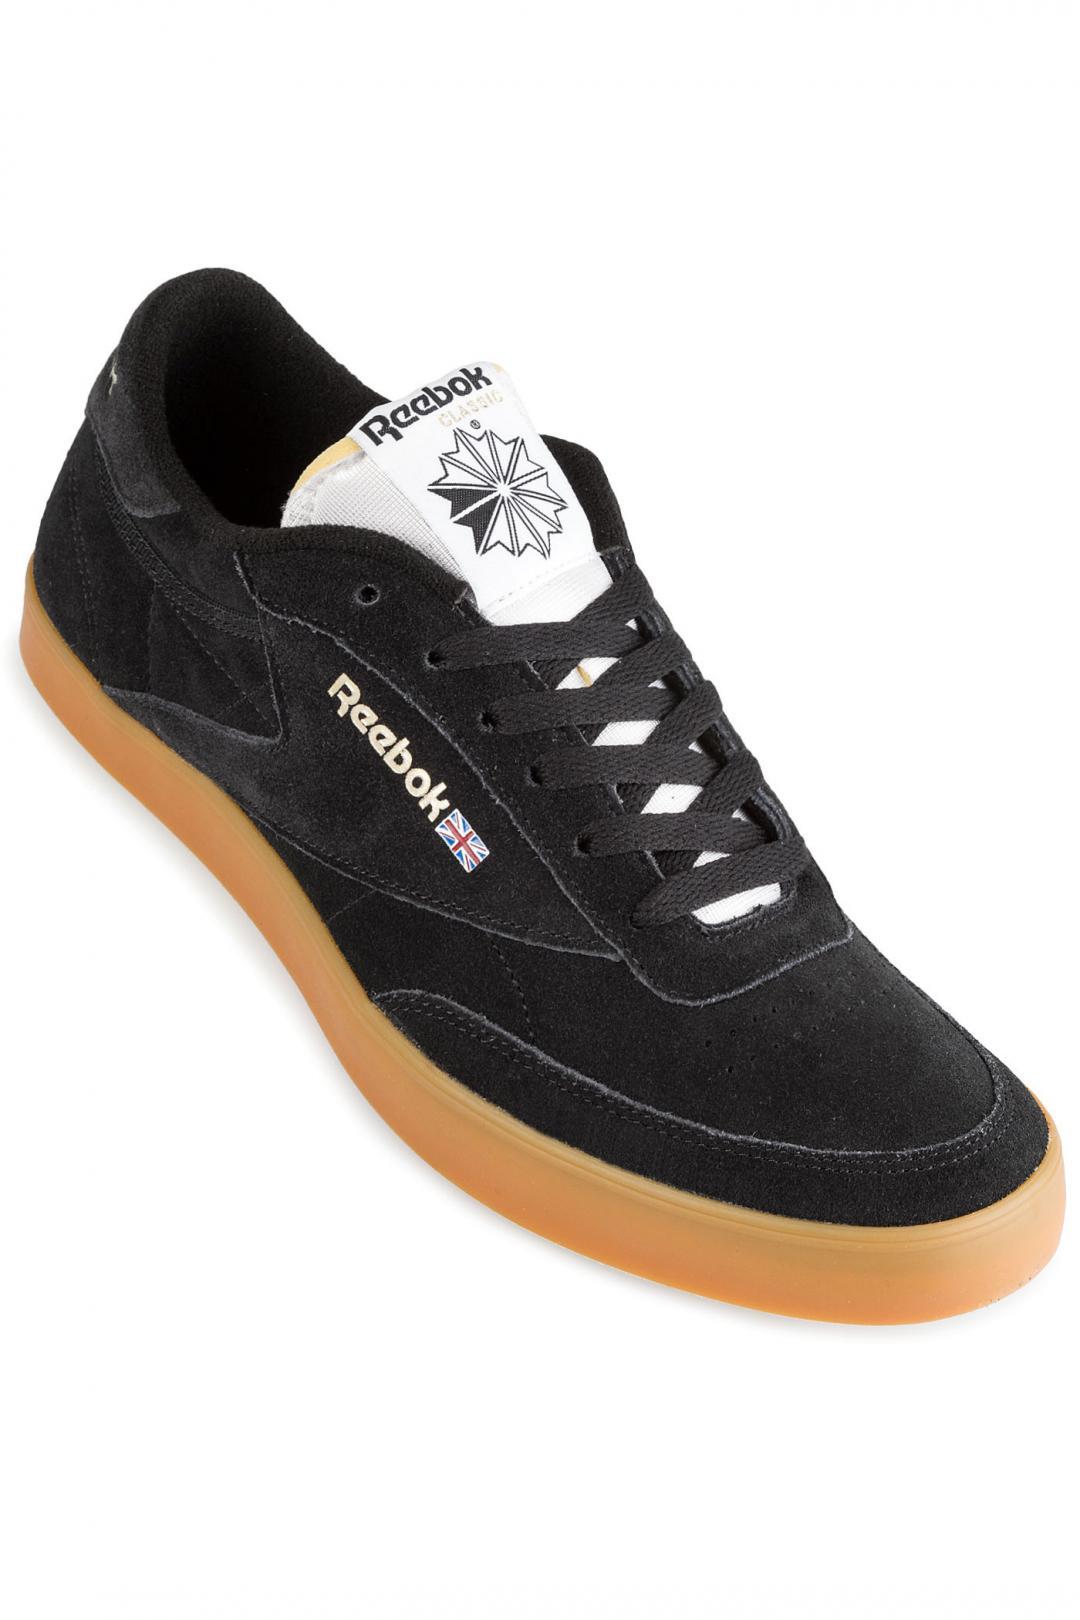 Uomo Reebok Club C FVS Gum Update black white gold gum | Sneaker